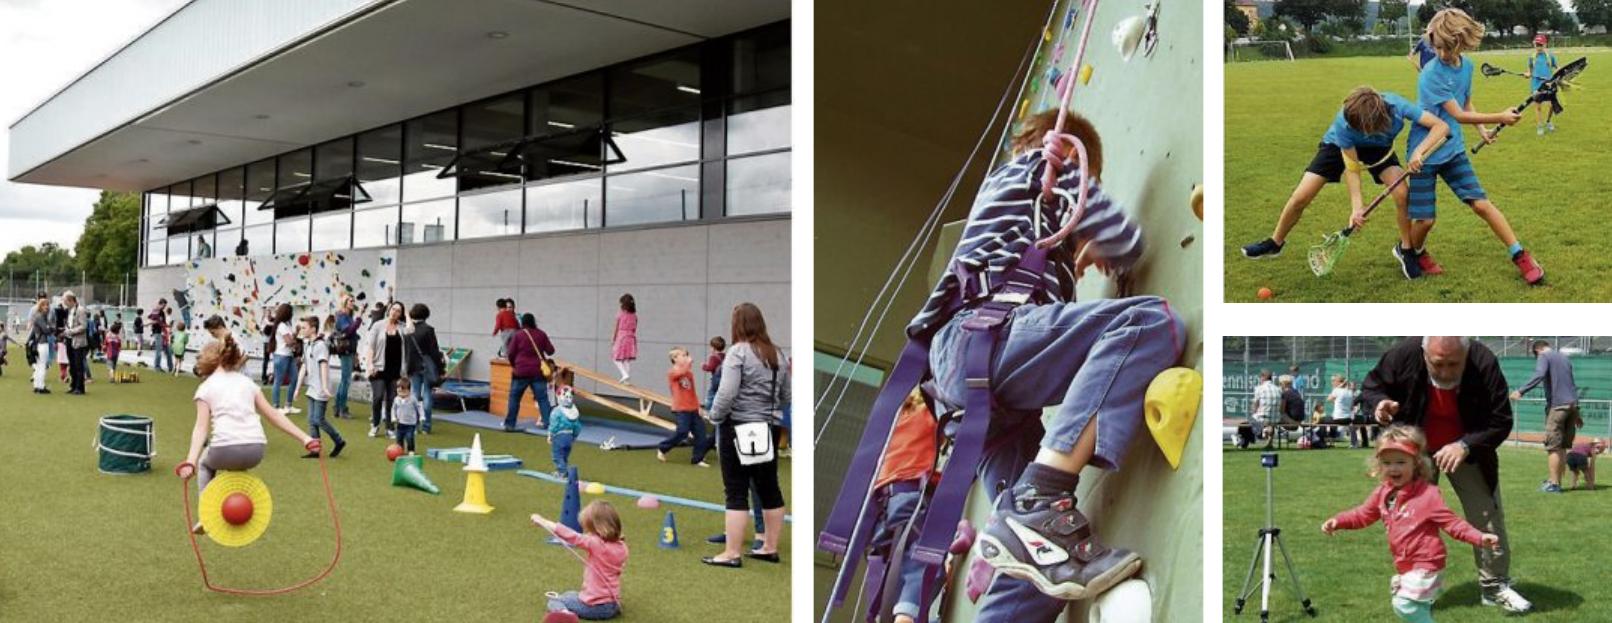 Ob in der KISS-Welt unter dem Vordach des Ehrmann-Sportzentrums, beim Klettern an der TÜ-Arena, beim Lacrosse, an der Speedmessanlage, beim Seifenblasen-Formen oder bei den Mitmachangeboten für Erwachsene: Beim TSG-Familiensporttag darf sich jeder auf Action, Sport und Spaß freuen! Bilder: TSG Tübingen